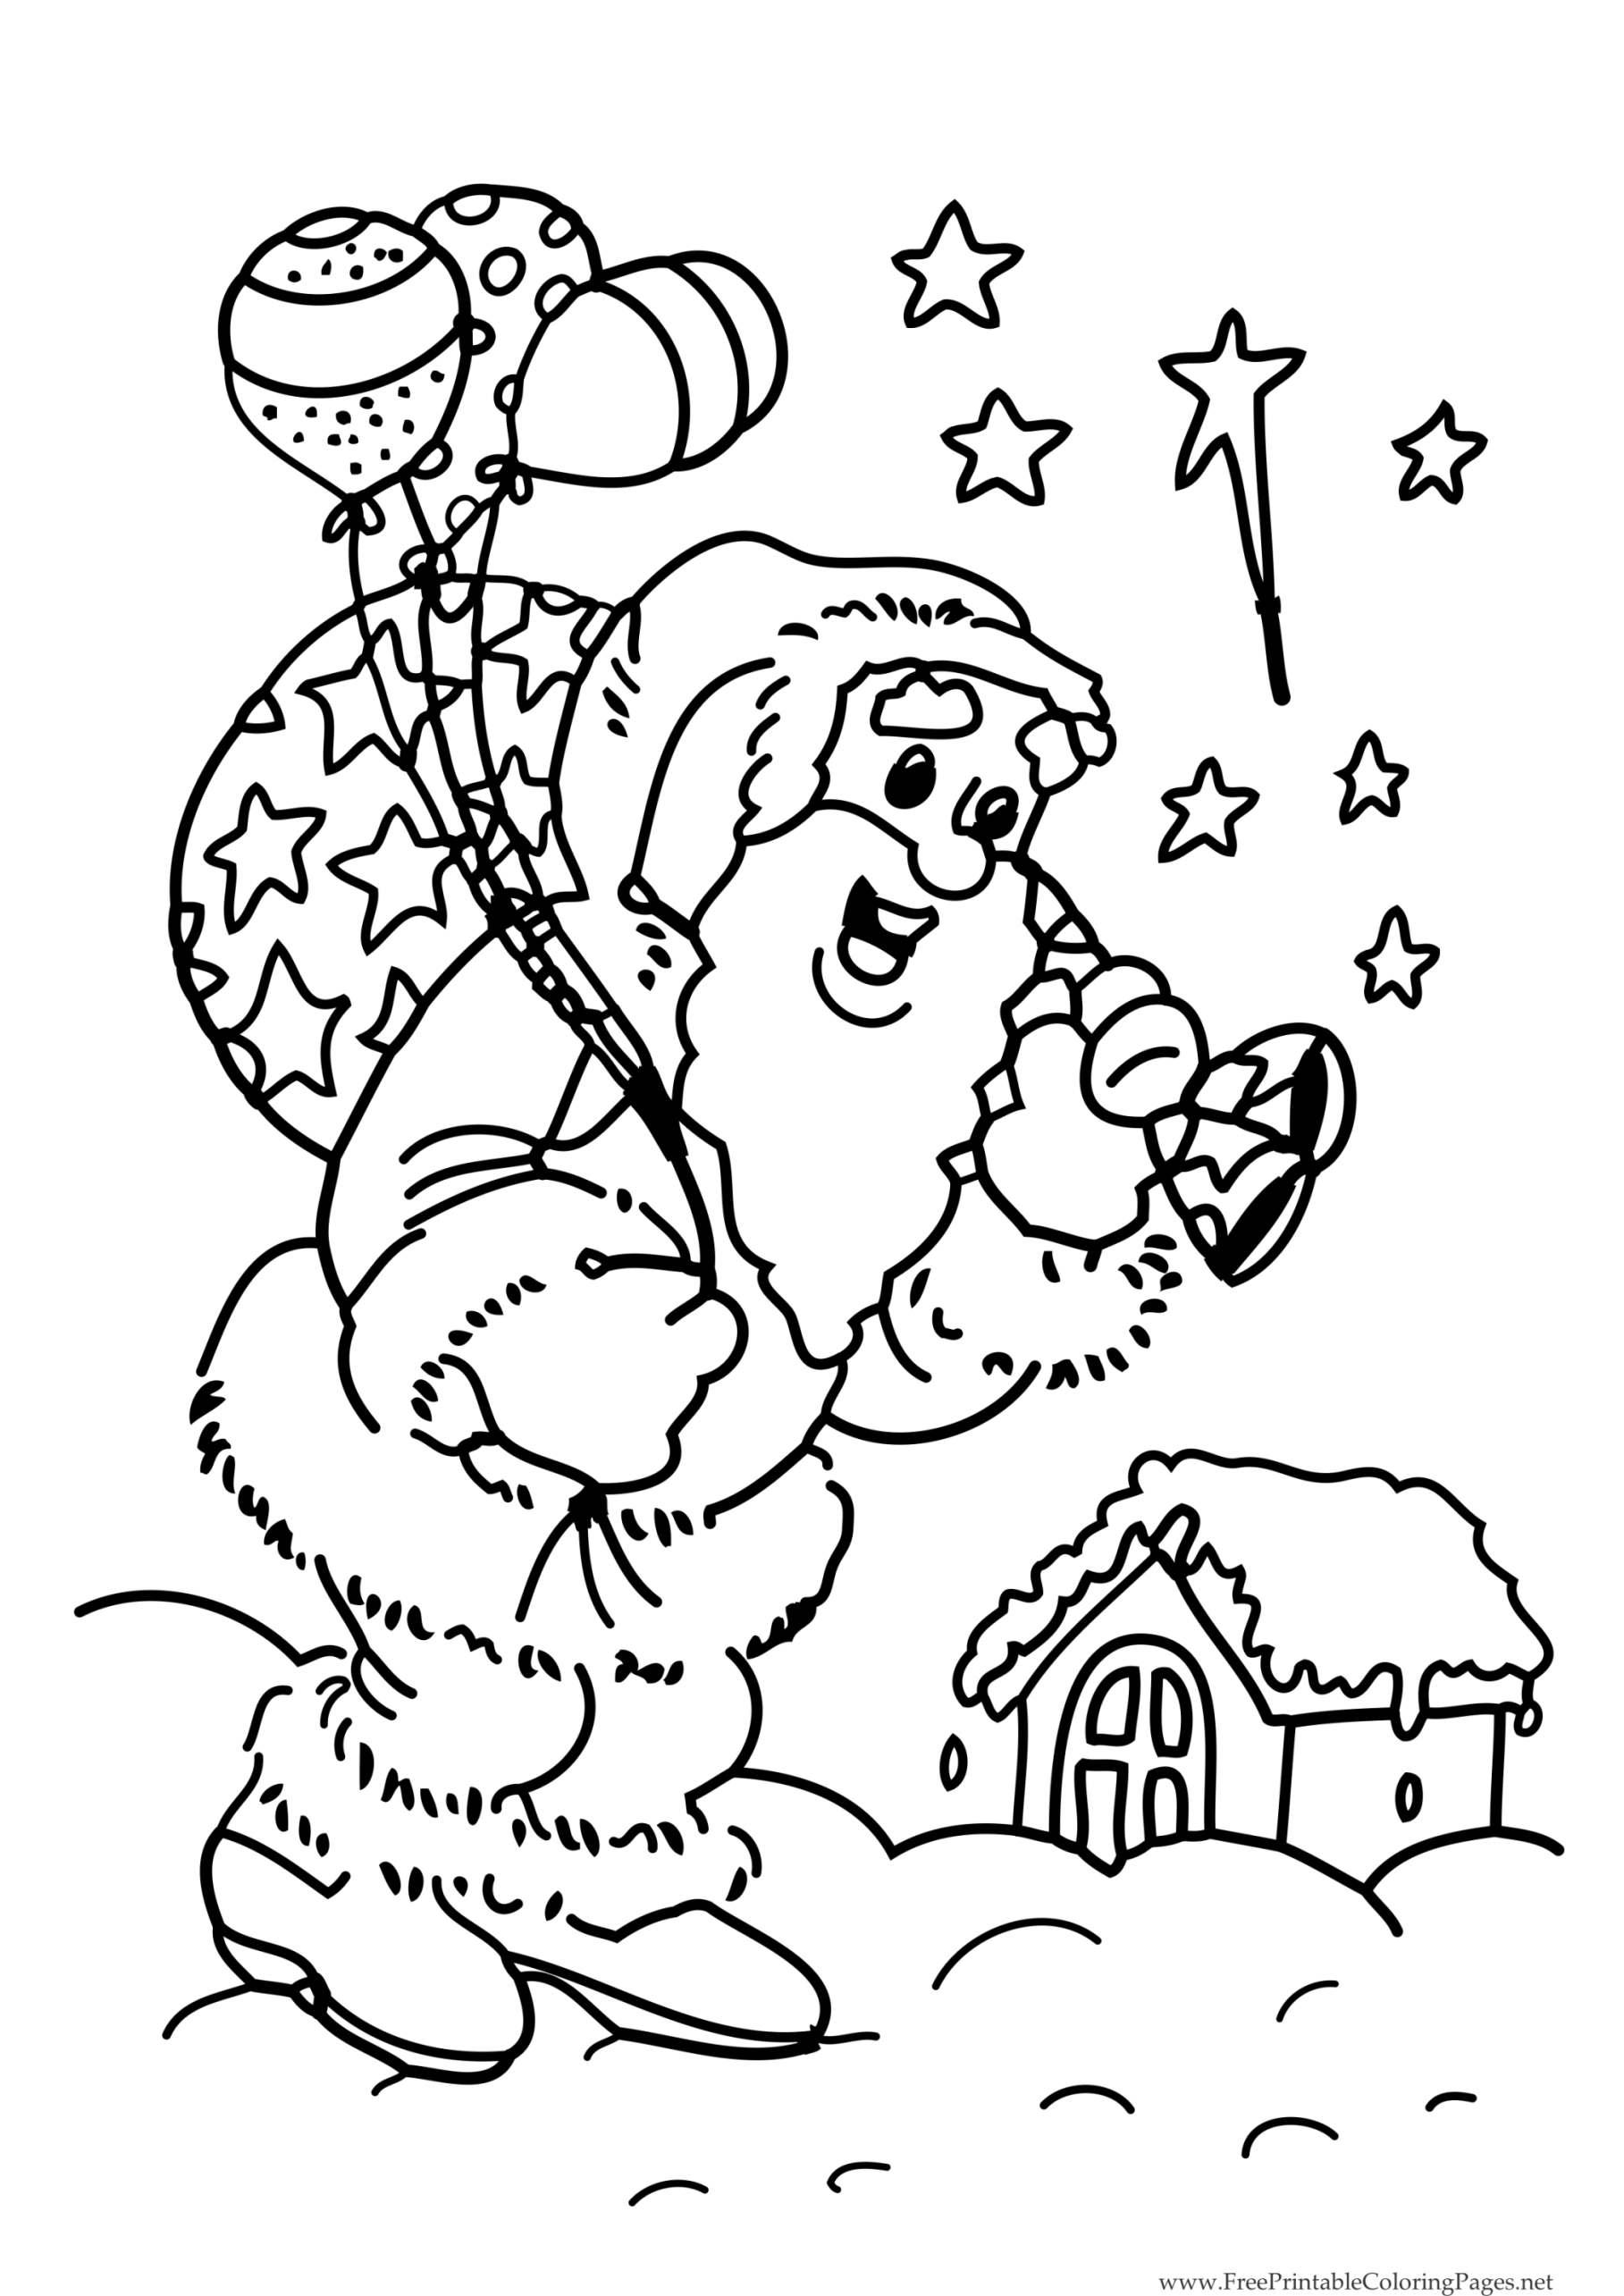 Père Noël Prêt Pour La Distribution Annuelle - Coloriage destiné Dessin Creche De Noel Gratuit